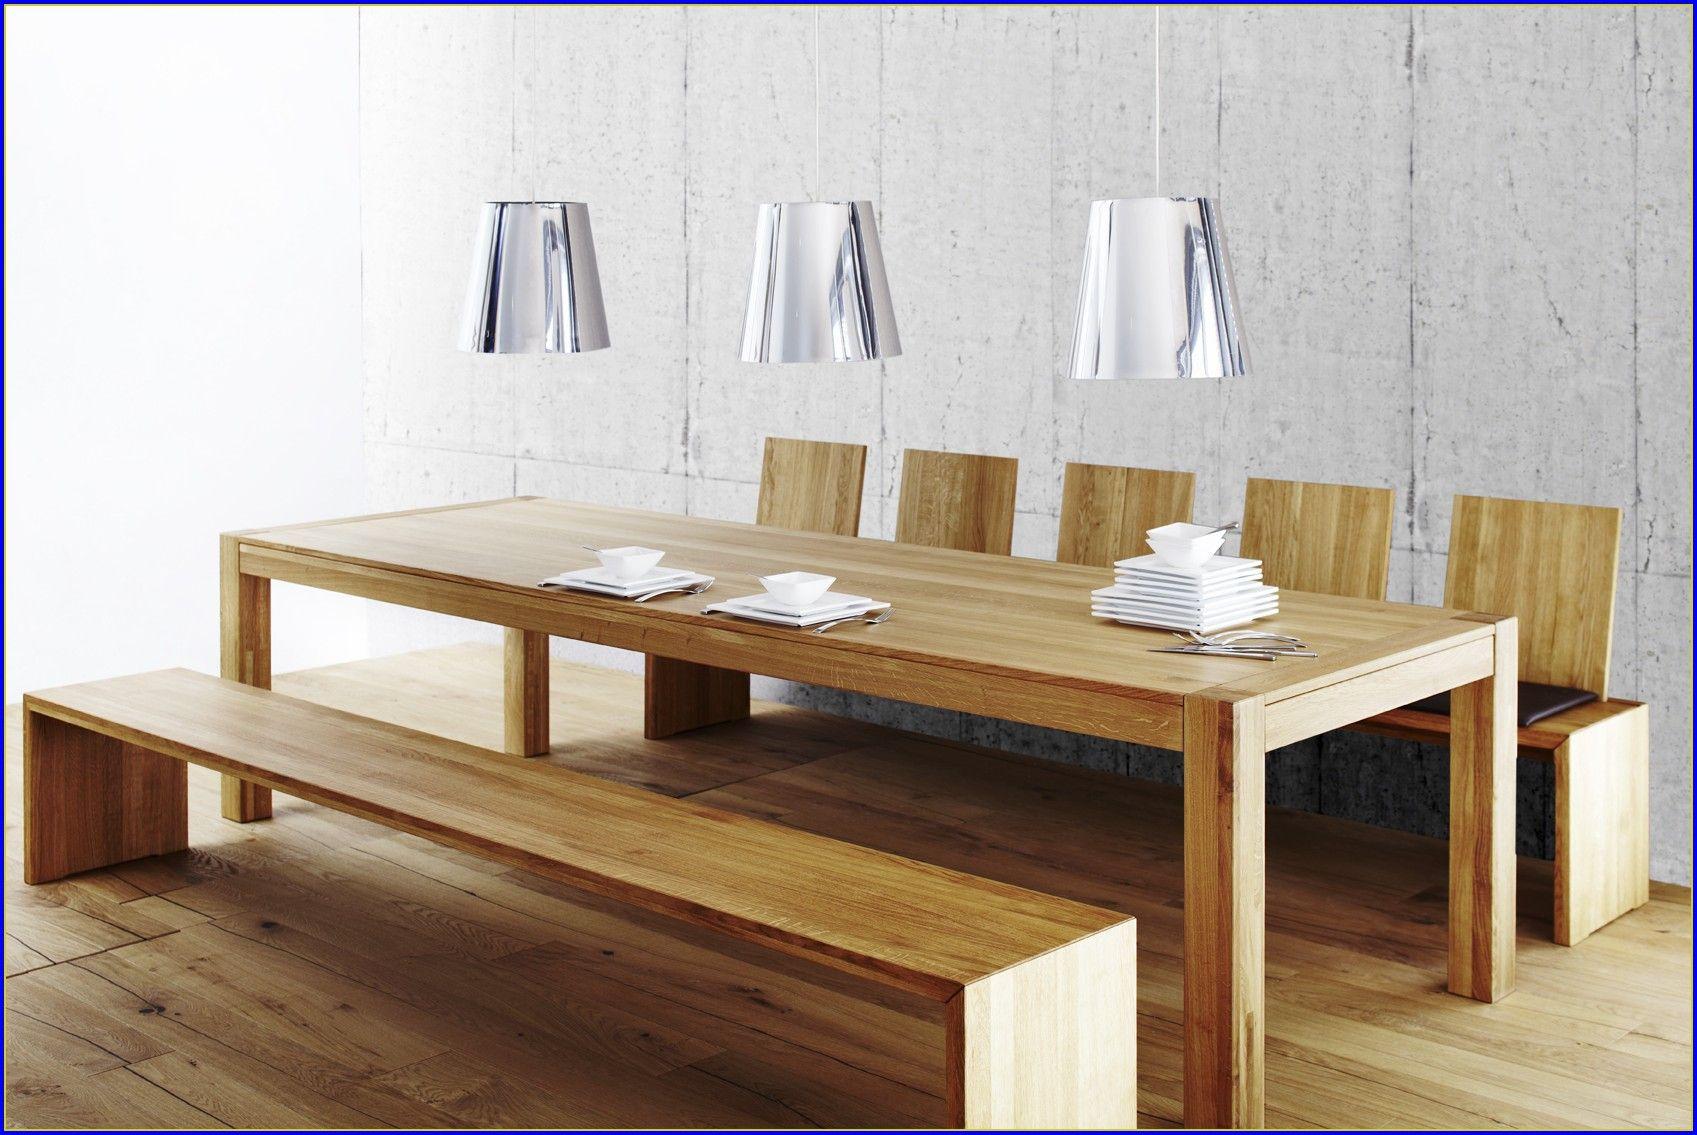 Esstisch aus Teak Massivholz geölt holztisch,massivholztisch ...